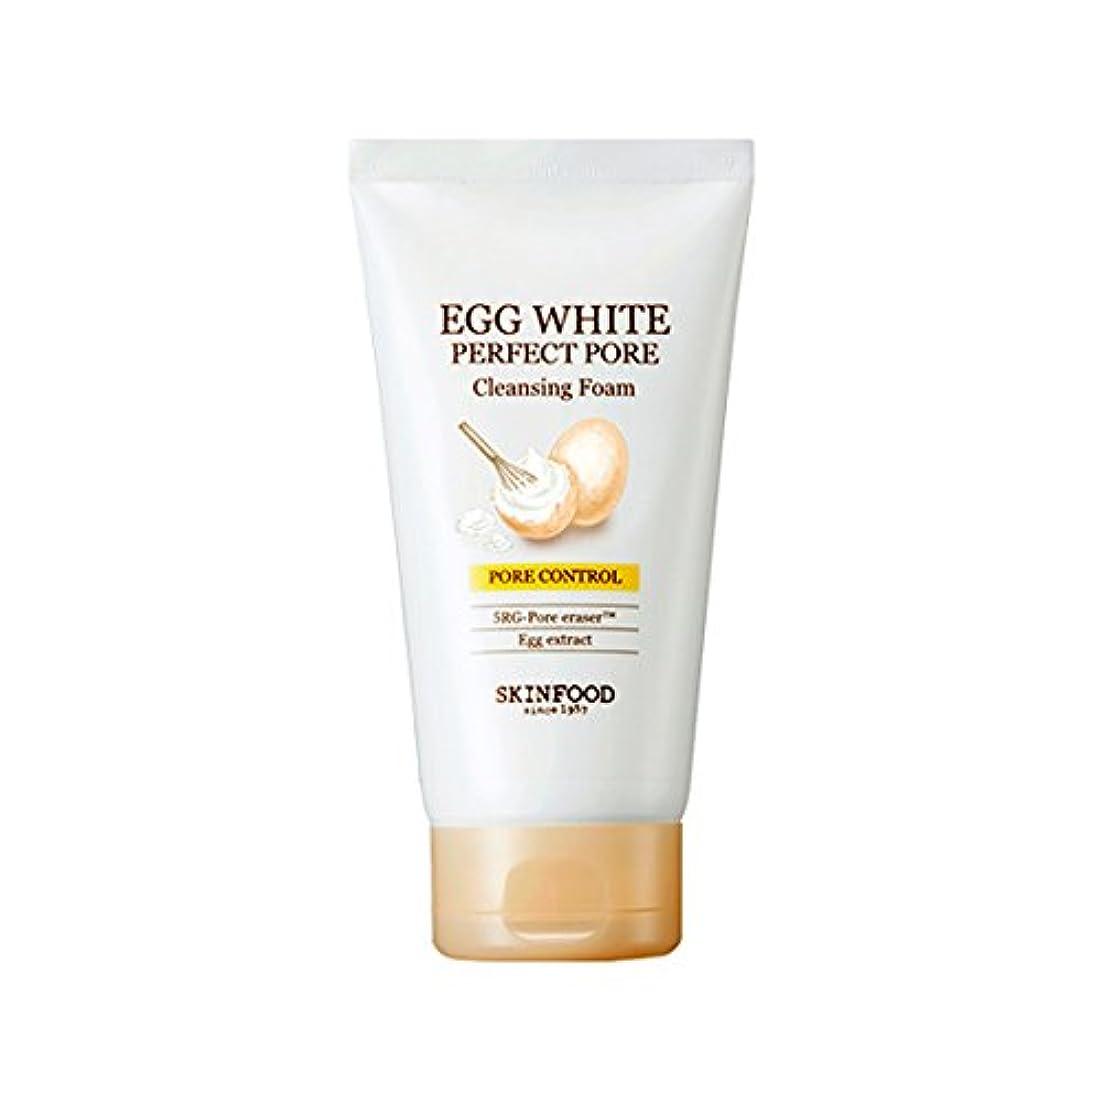 する必要がある公爵殺人Skinfood/Egg White Perfect Pore Cleansing Foam/エッグホワイトパーフェクトポアクレンジングフォーム/150ml [並行輸入品]